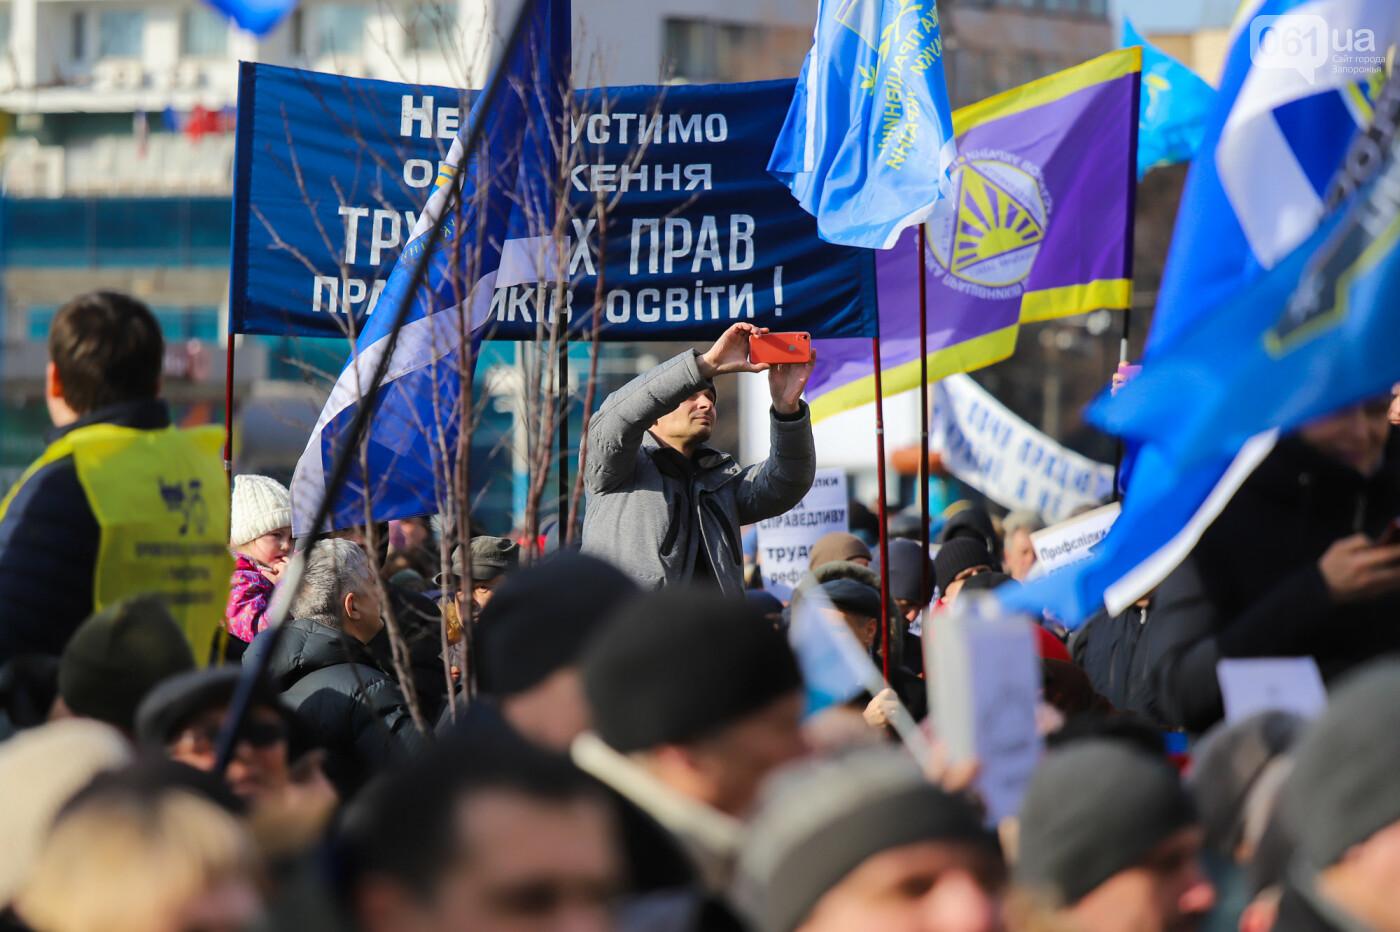 В Запорожье на протестную акцию профсоюзов «Волна гнева» вышло около 2000 человек, - ФОТОРЕПОРТАЖ, фото-14